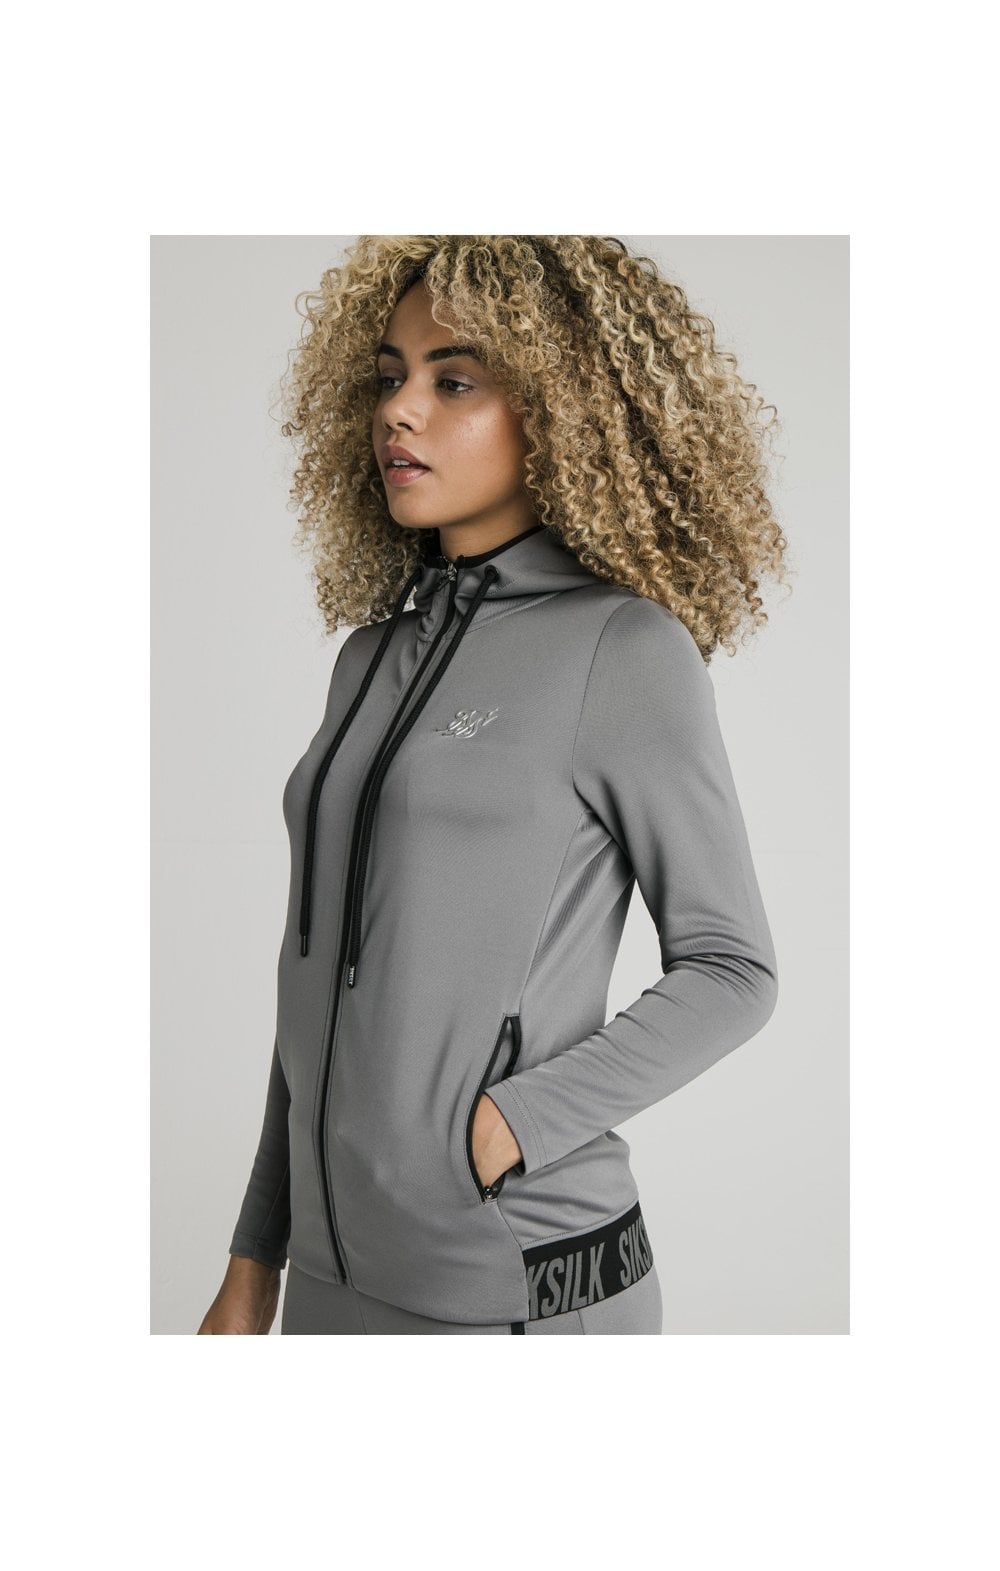 SikSilk Gym Track Jacket - Grey WOMEN SIZES: 10-S